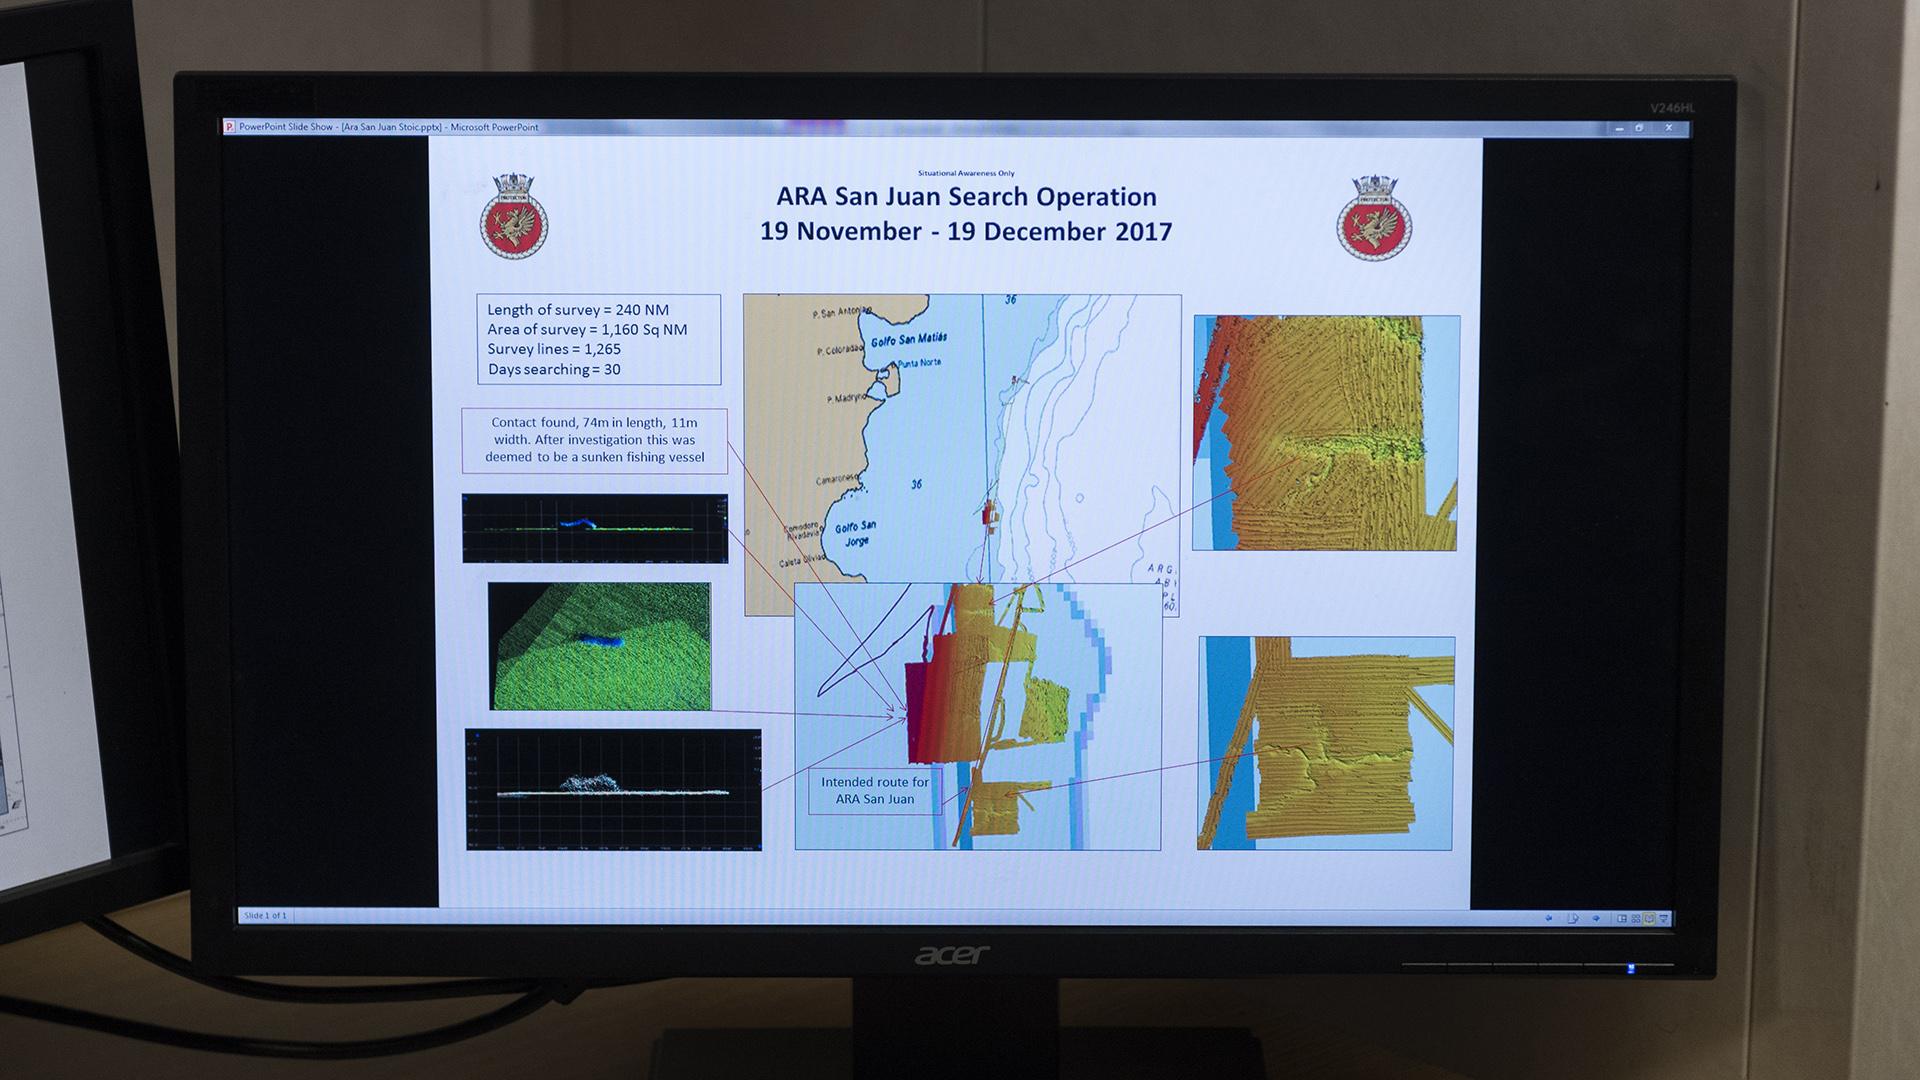 En las pantallas, la información del sonar que el HMS Protector envió a las autoridades argentinas para la búsqueda del ARA San Juan